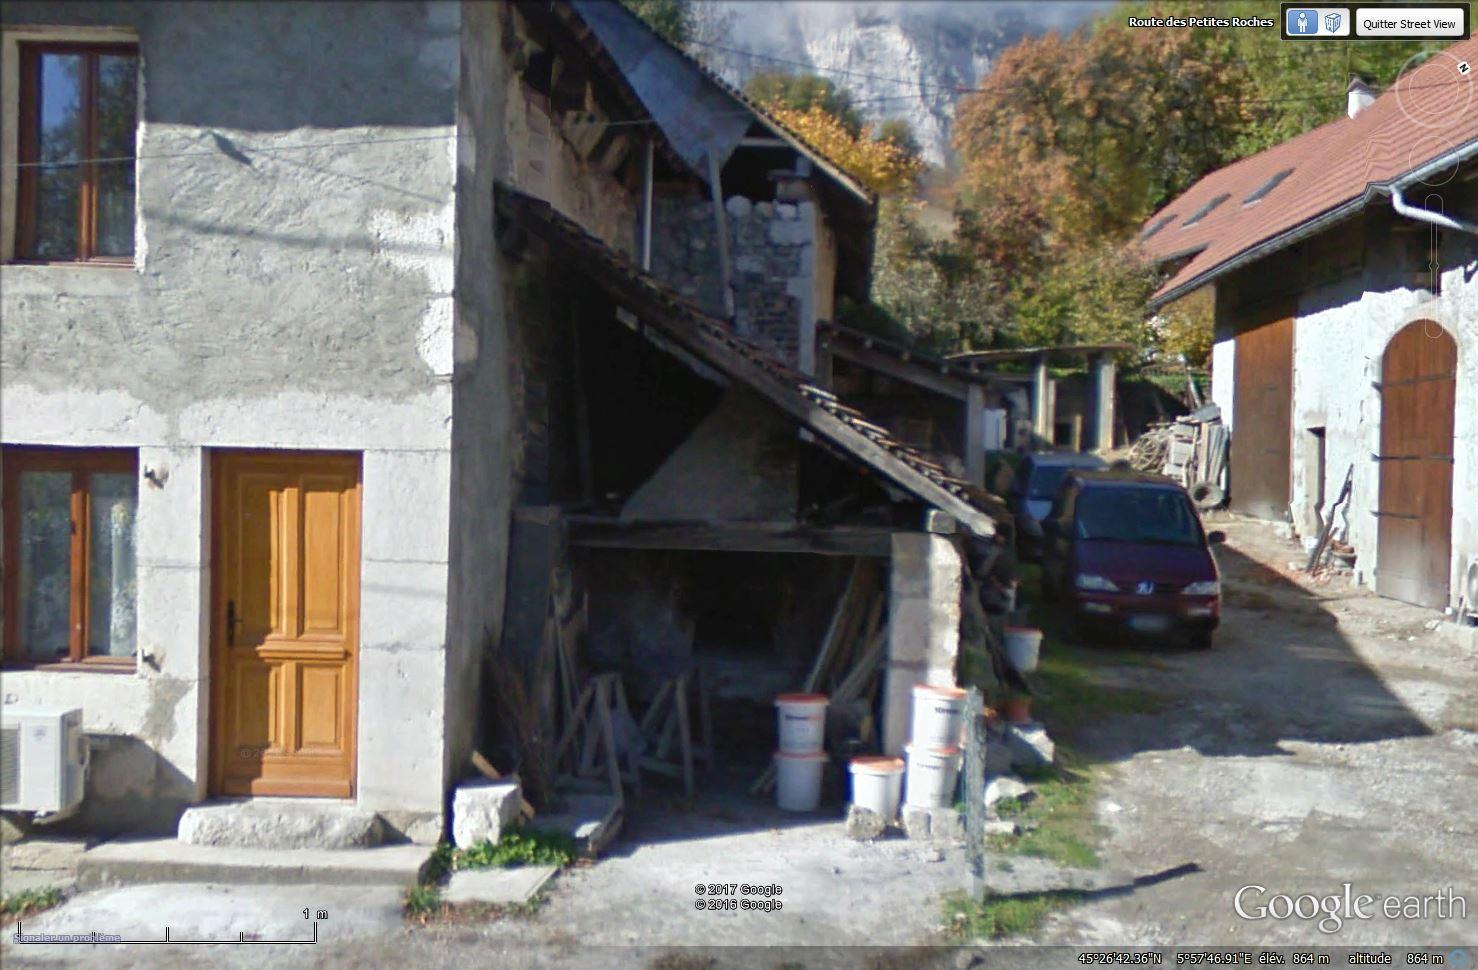 STREET VIEW : à la recherche des fours à pain - Page 6 Tsge_279